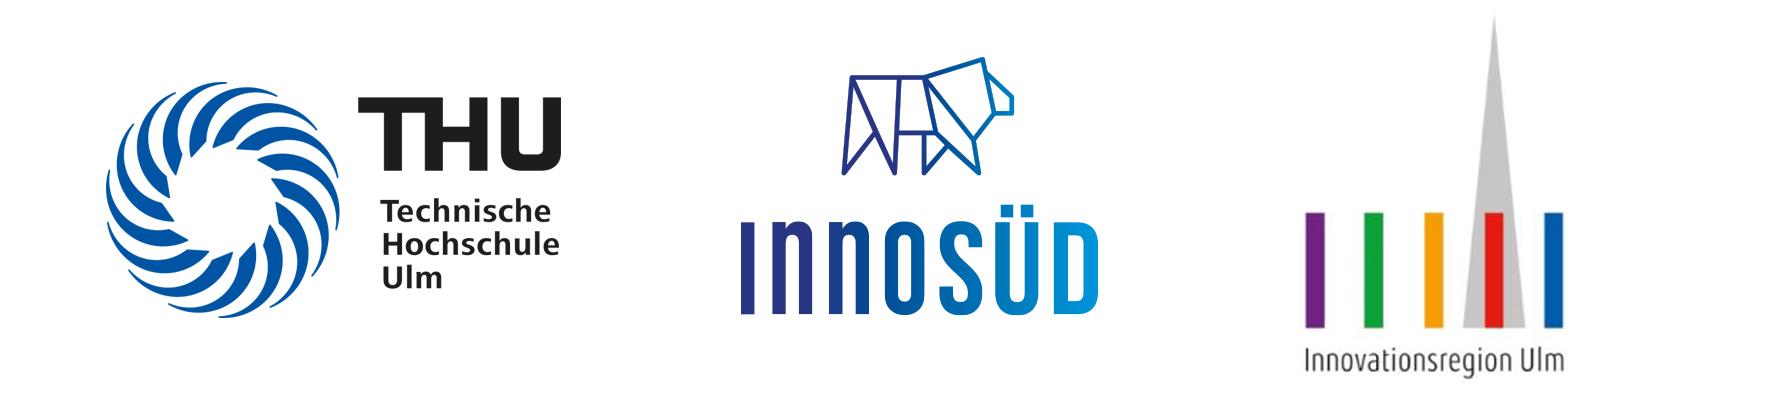 Logos THU, InnoSÜD, Innovationsregion